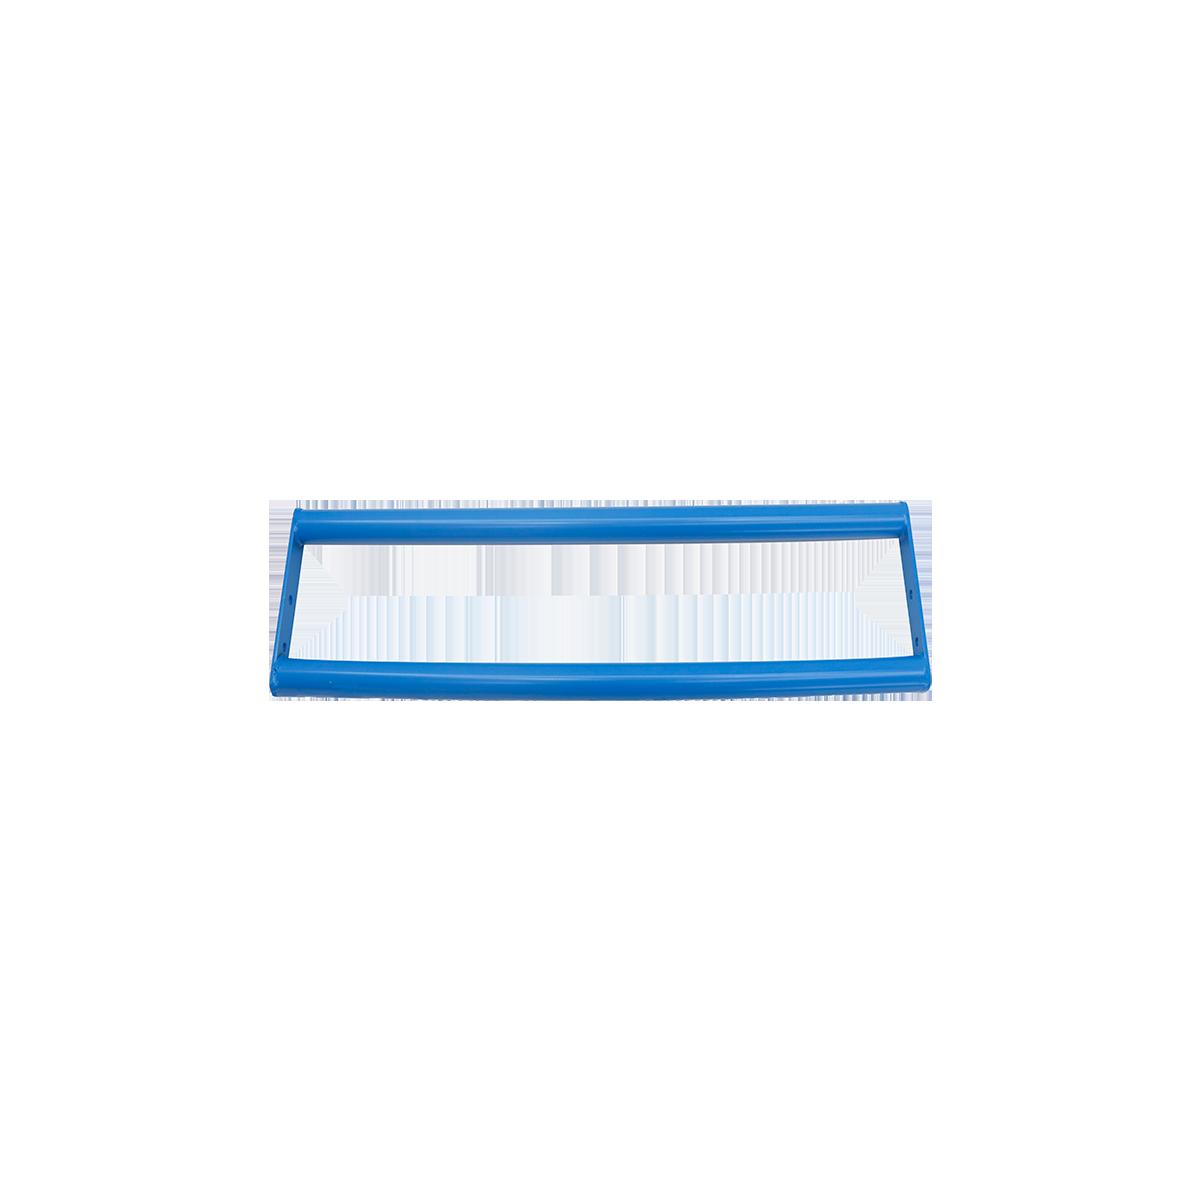 Βάση Αποθήκευσης Αξεσουάρ (Σωλήνες) Φ42 x 2,5 x 1100mm